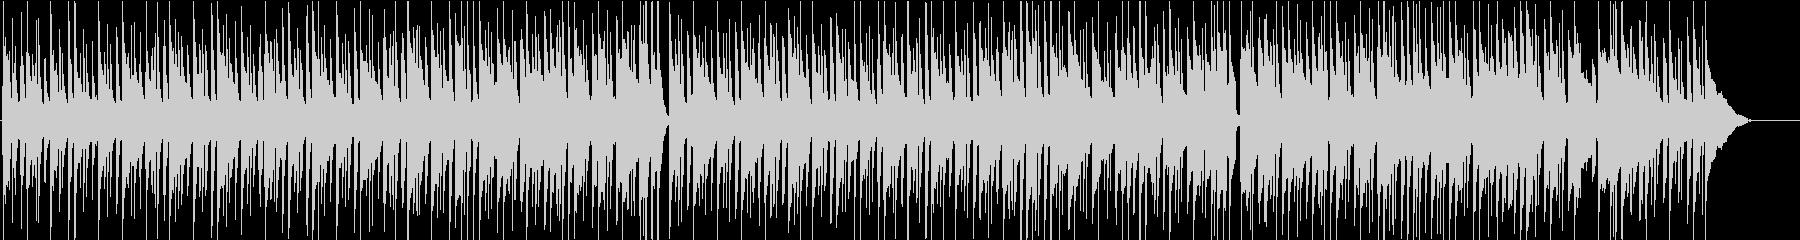 ほのぼの日常系リコーダーソングの未再生の波形